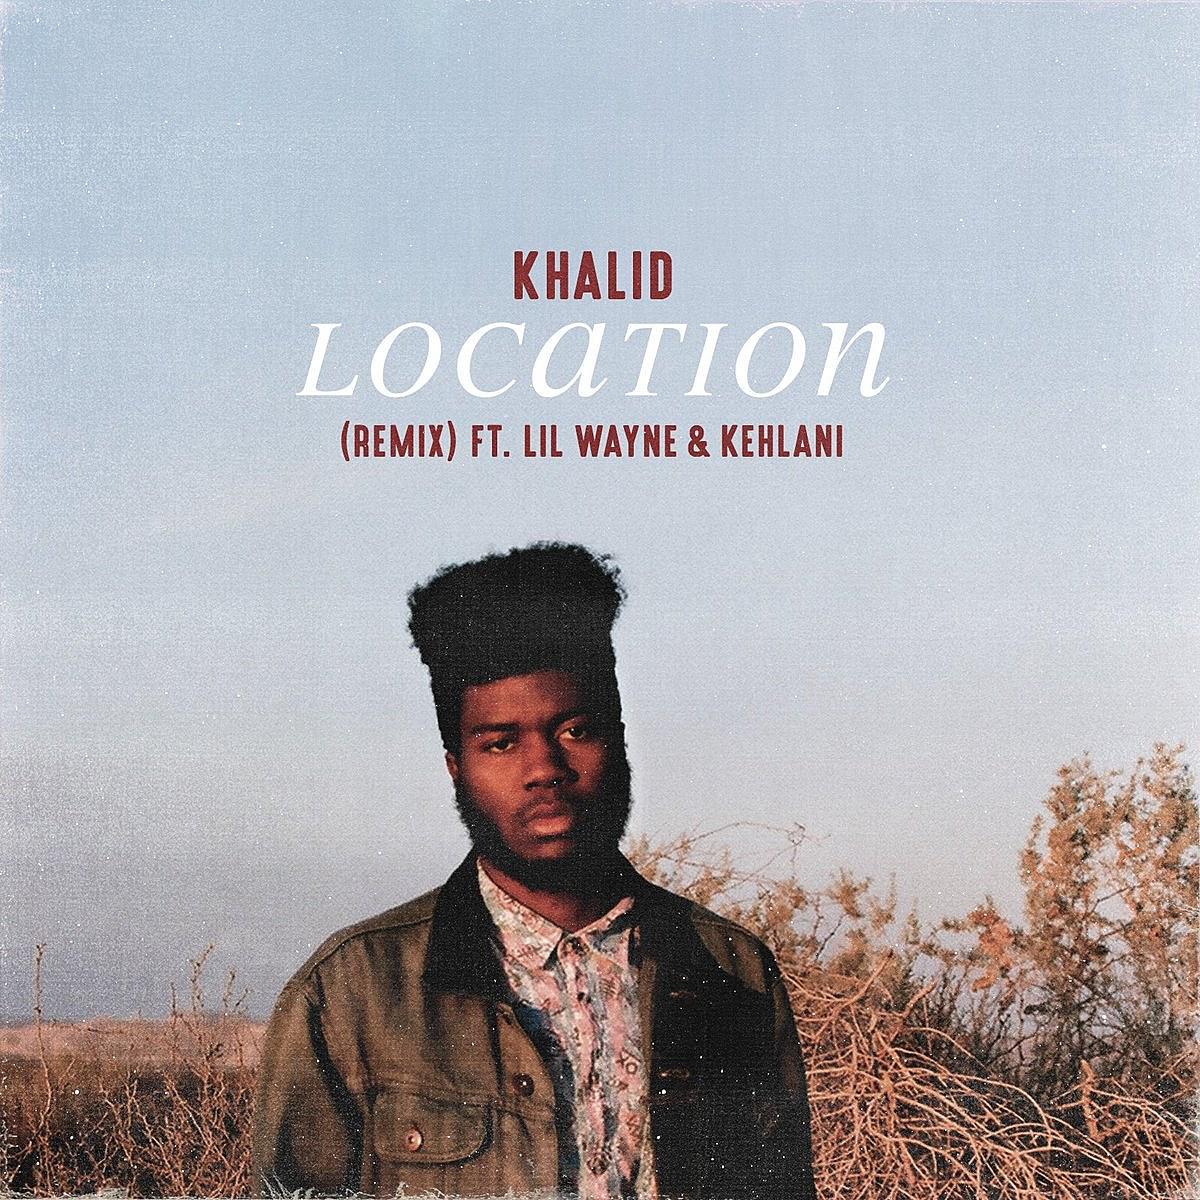 Khalid Vevo via YouTube